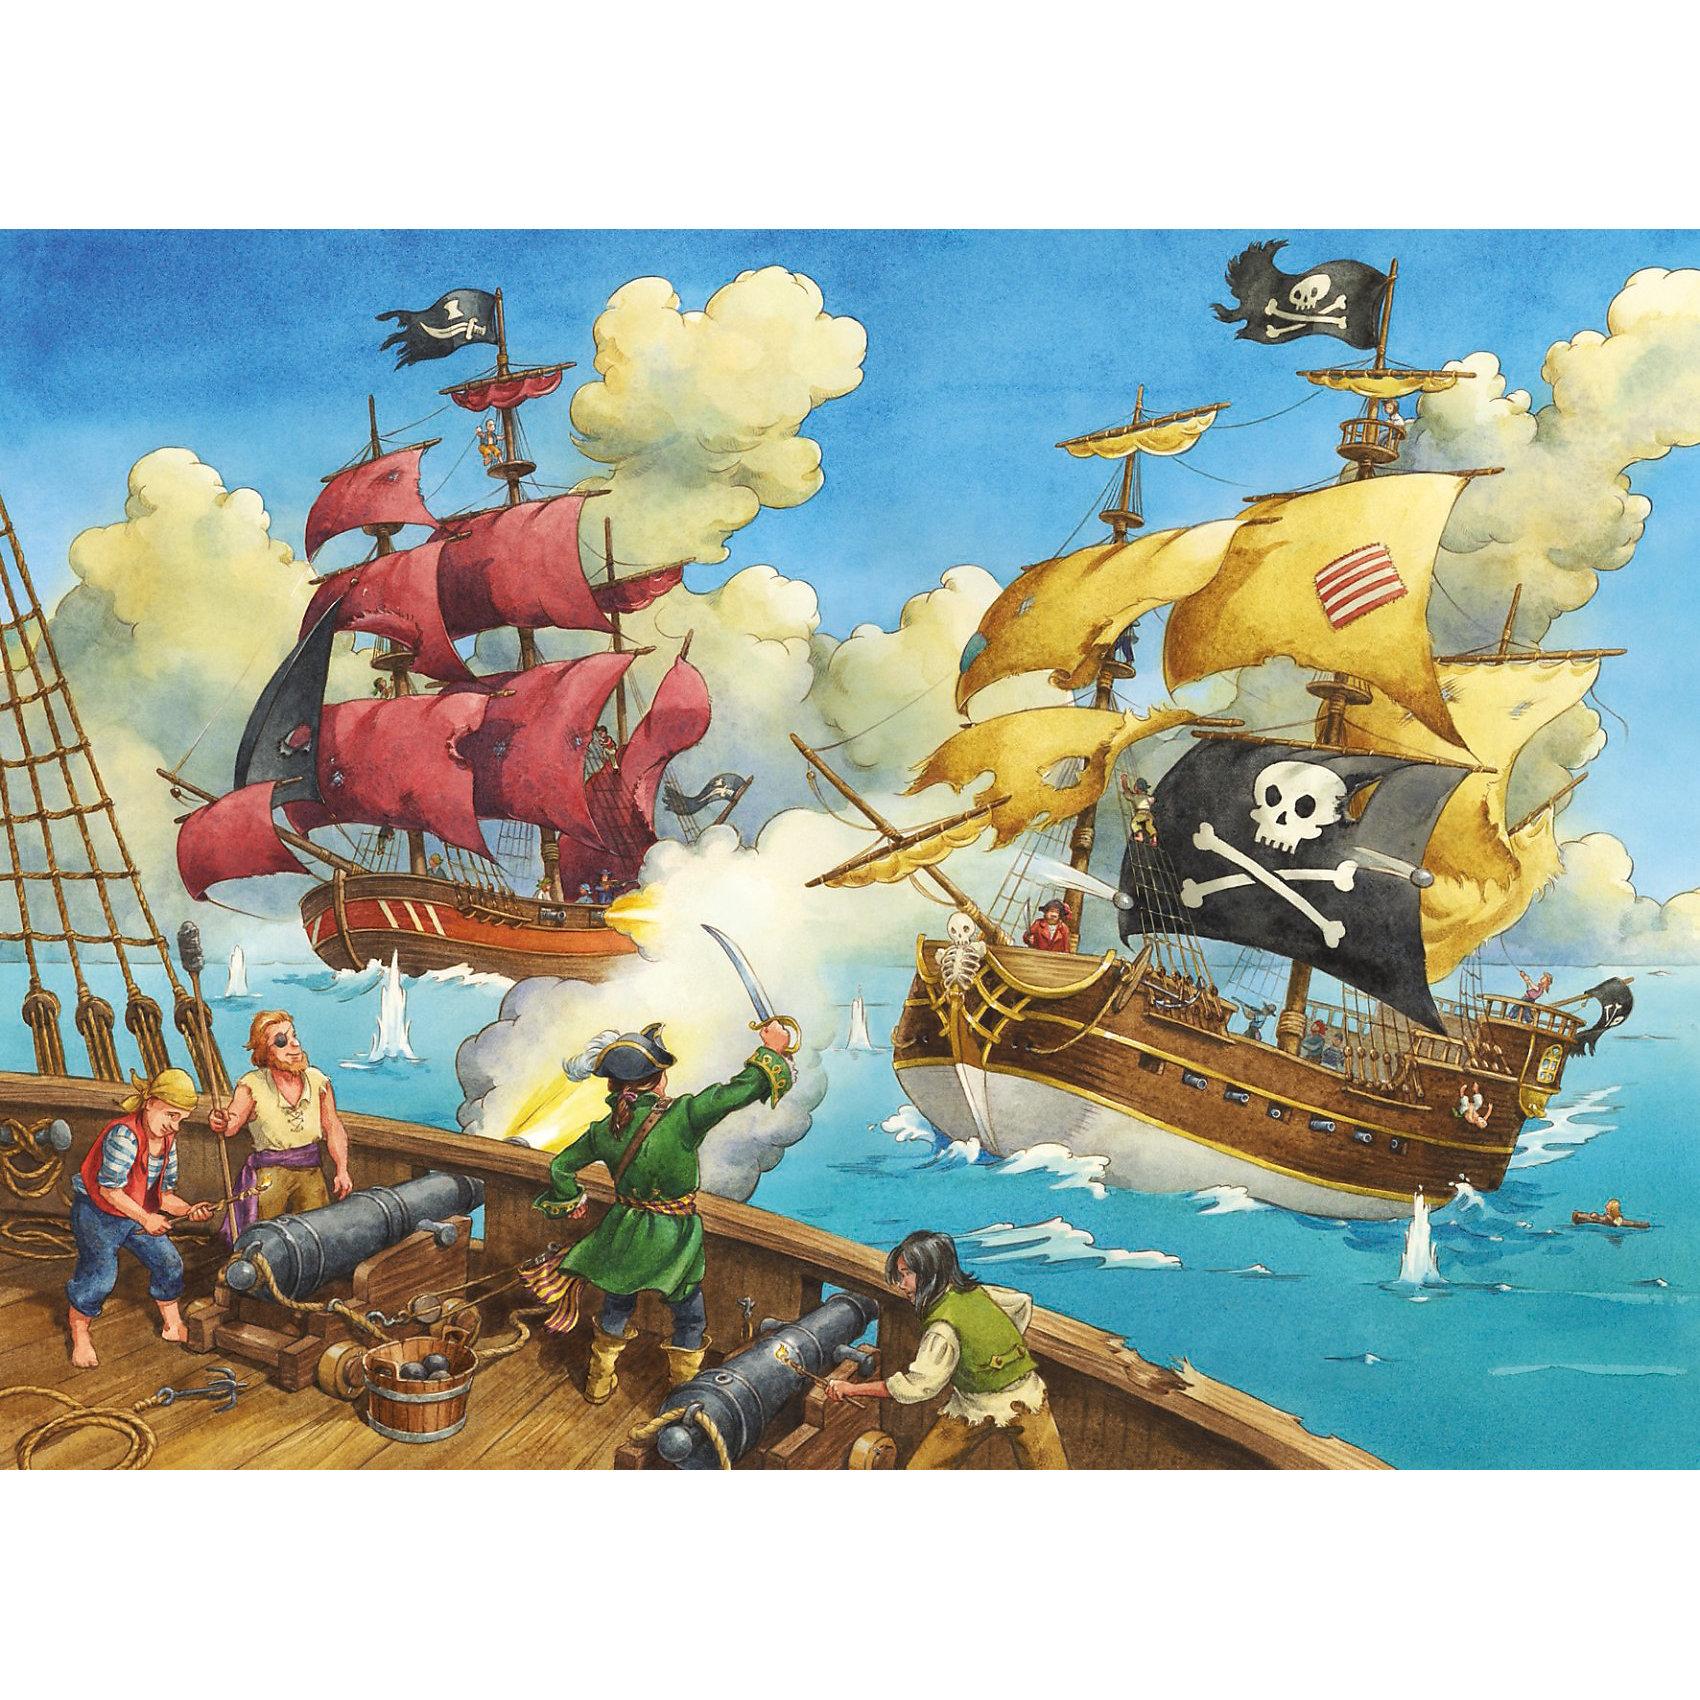 Пазл Битва пиратов Ravensburger, 100 деталейКлассические пазлы<br>Этот красочный пазл Битва пиратов от Ravensburger непременно придется по вкусу маленьким любителям приключений и пиратских сюжетов!<br><br>Огромные корабли, развивающиеся пиратские флаги, пушечные выстрелы и отважные моряки - такой мотив увлекательно и интересно собирать. Кроме того, складывая картинки, Ваш ребенок развивает мелкую моторику рук, логическое и пространственное мышление, память, внимательность, воображение, фантазию и усидчивость. Такой досуг также поможет малышу быстро научиться писать и избежать проблем с почерком.<br><br>Все пазлы немецкой компании Ravensburger славятся высочайшим качеством полиграфии и идеальной стыковкой элементов. Благодаря особому штамповочному оборудованию данный производитель достигает непревзойденного многообразия форм деталей. Стремление к качеству немецкой компании Ravensburger безгранично!<br><br>Ширина мм: 230<br>Глубина мм: 340<br>Высота мм: 40<br>Вес г: 535<br>Возраст от месяцев: 72<br>Возраст до месяцев: 1188<br>Пол: Мужской<br>Возраст: Детский<br>SKU: 2421519